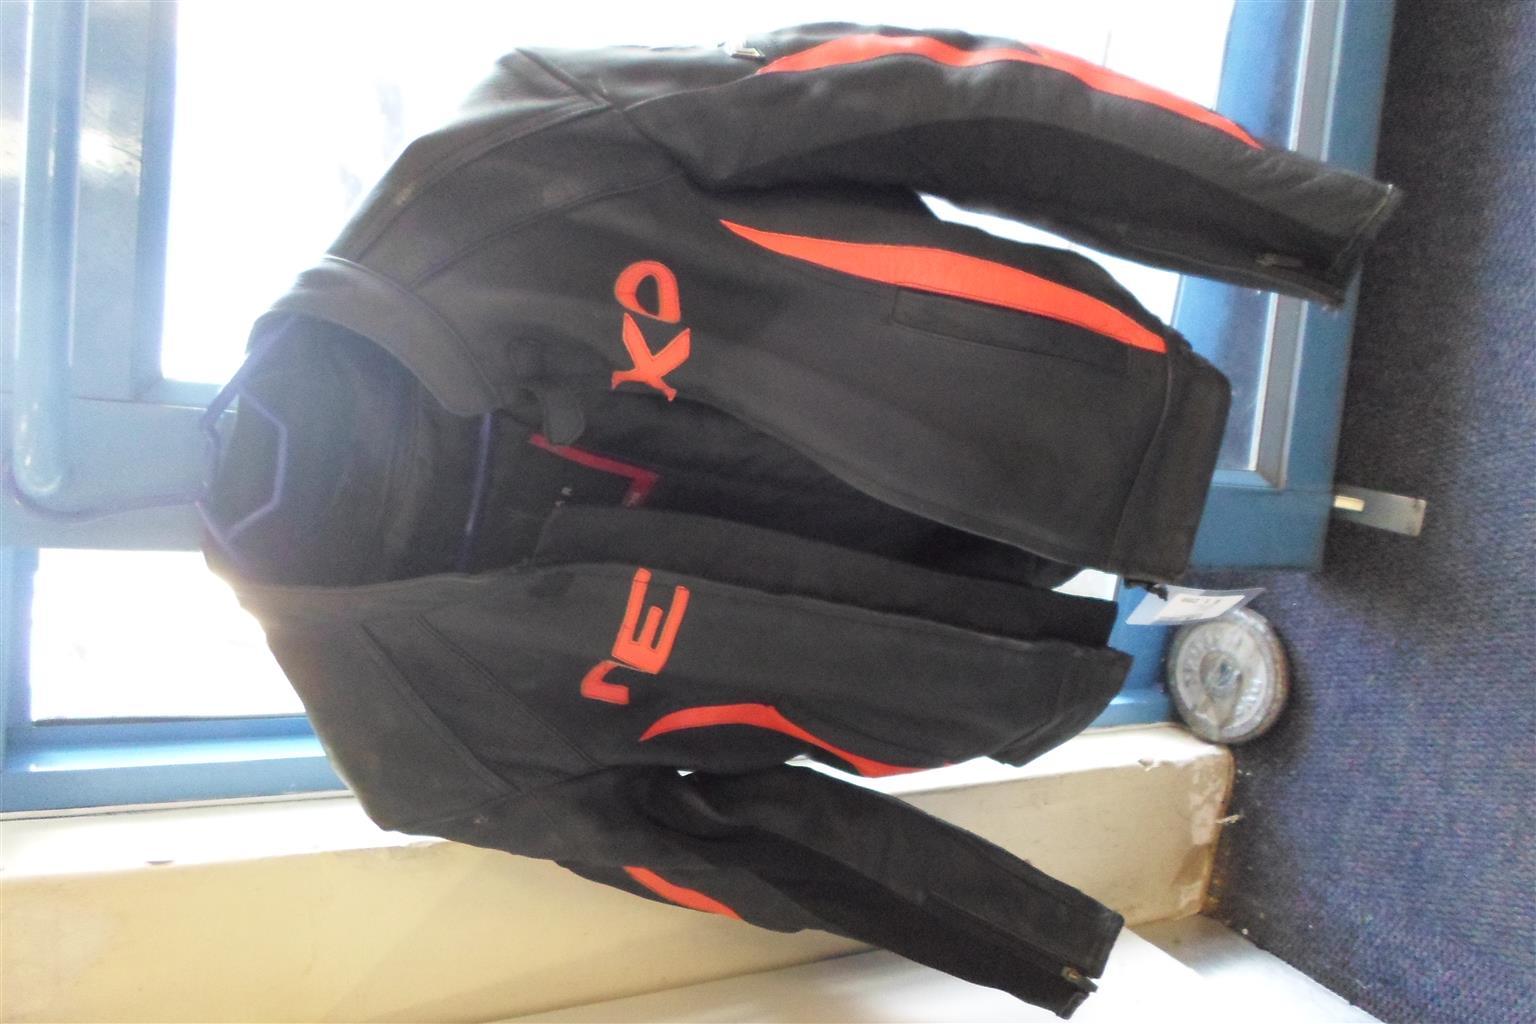 Large Nexo Sports Motorcycle Jacket